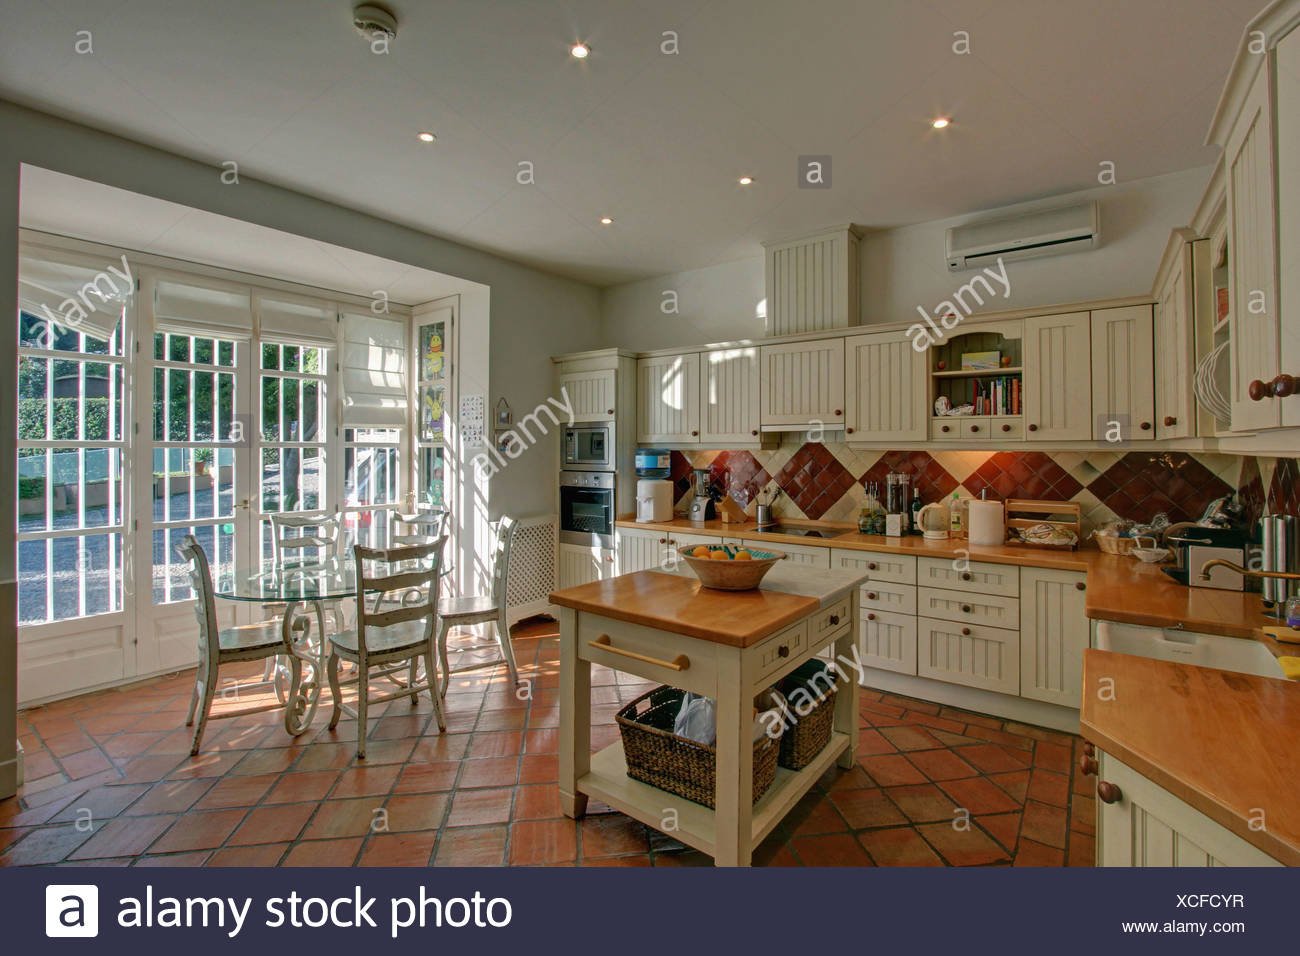 Wunderbar Metzgerei Block Im Landhausstil Spanische Küche Mit Terrakotta Geflieste  Boden Und Glas Esstisch Mit Weißen Stühlen